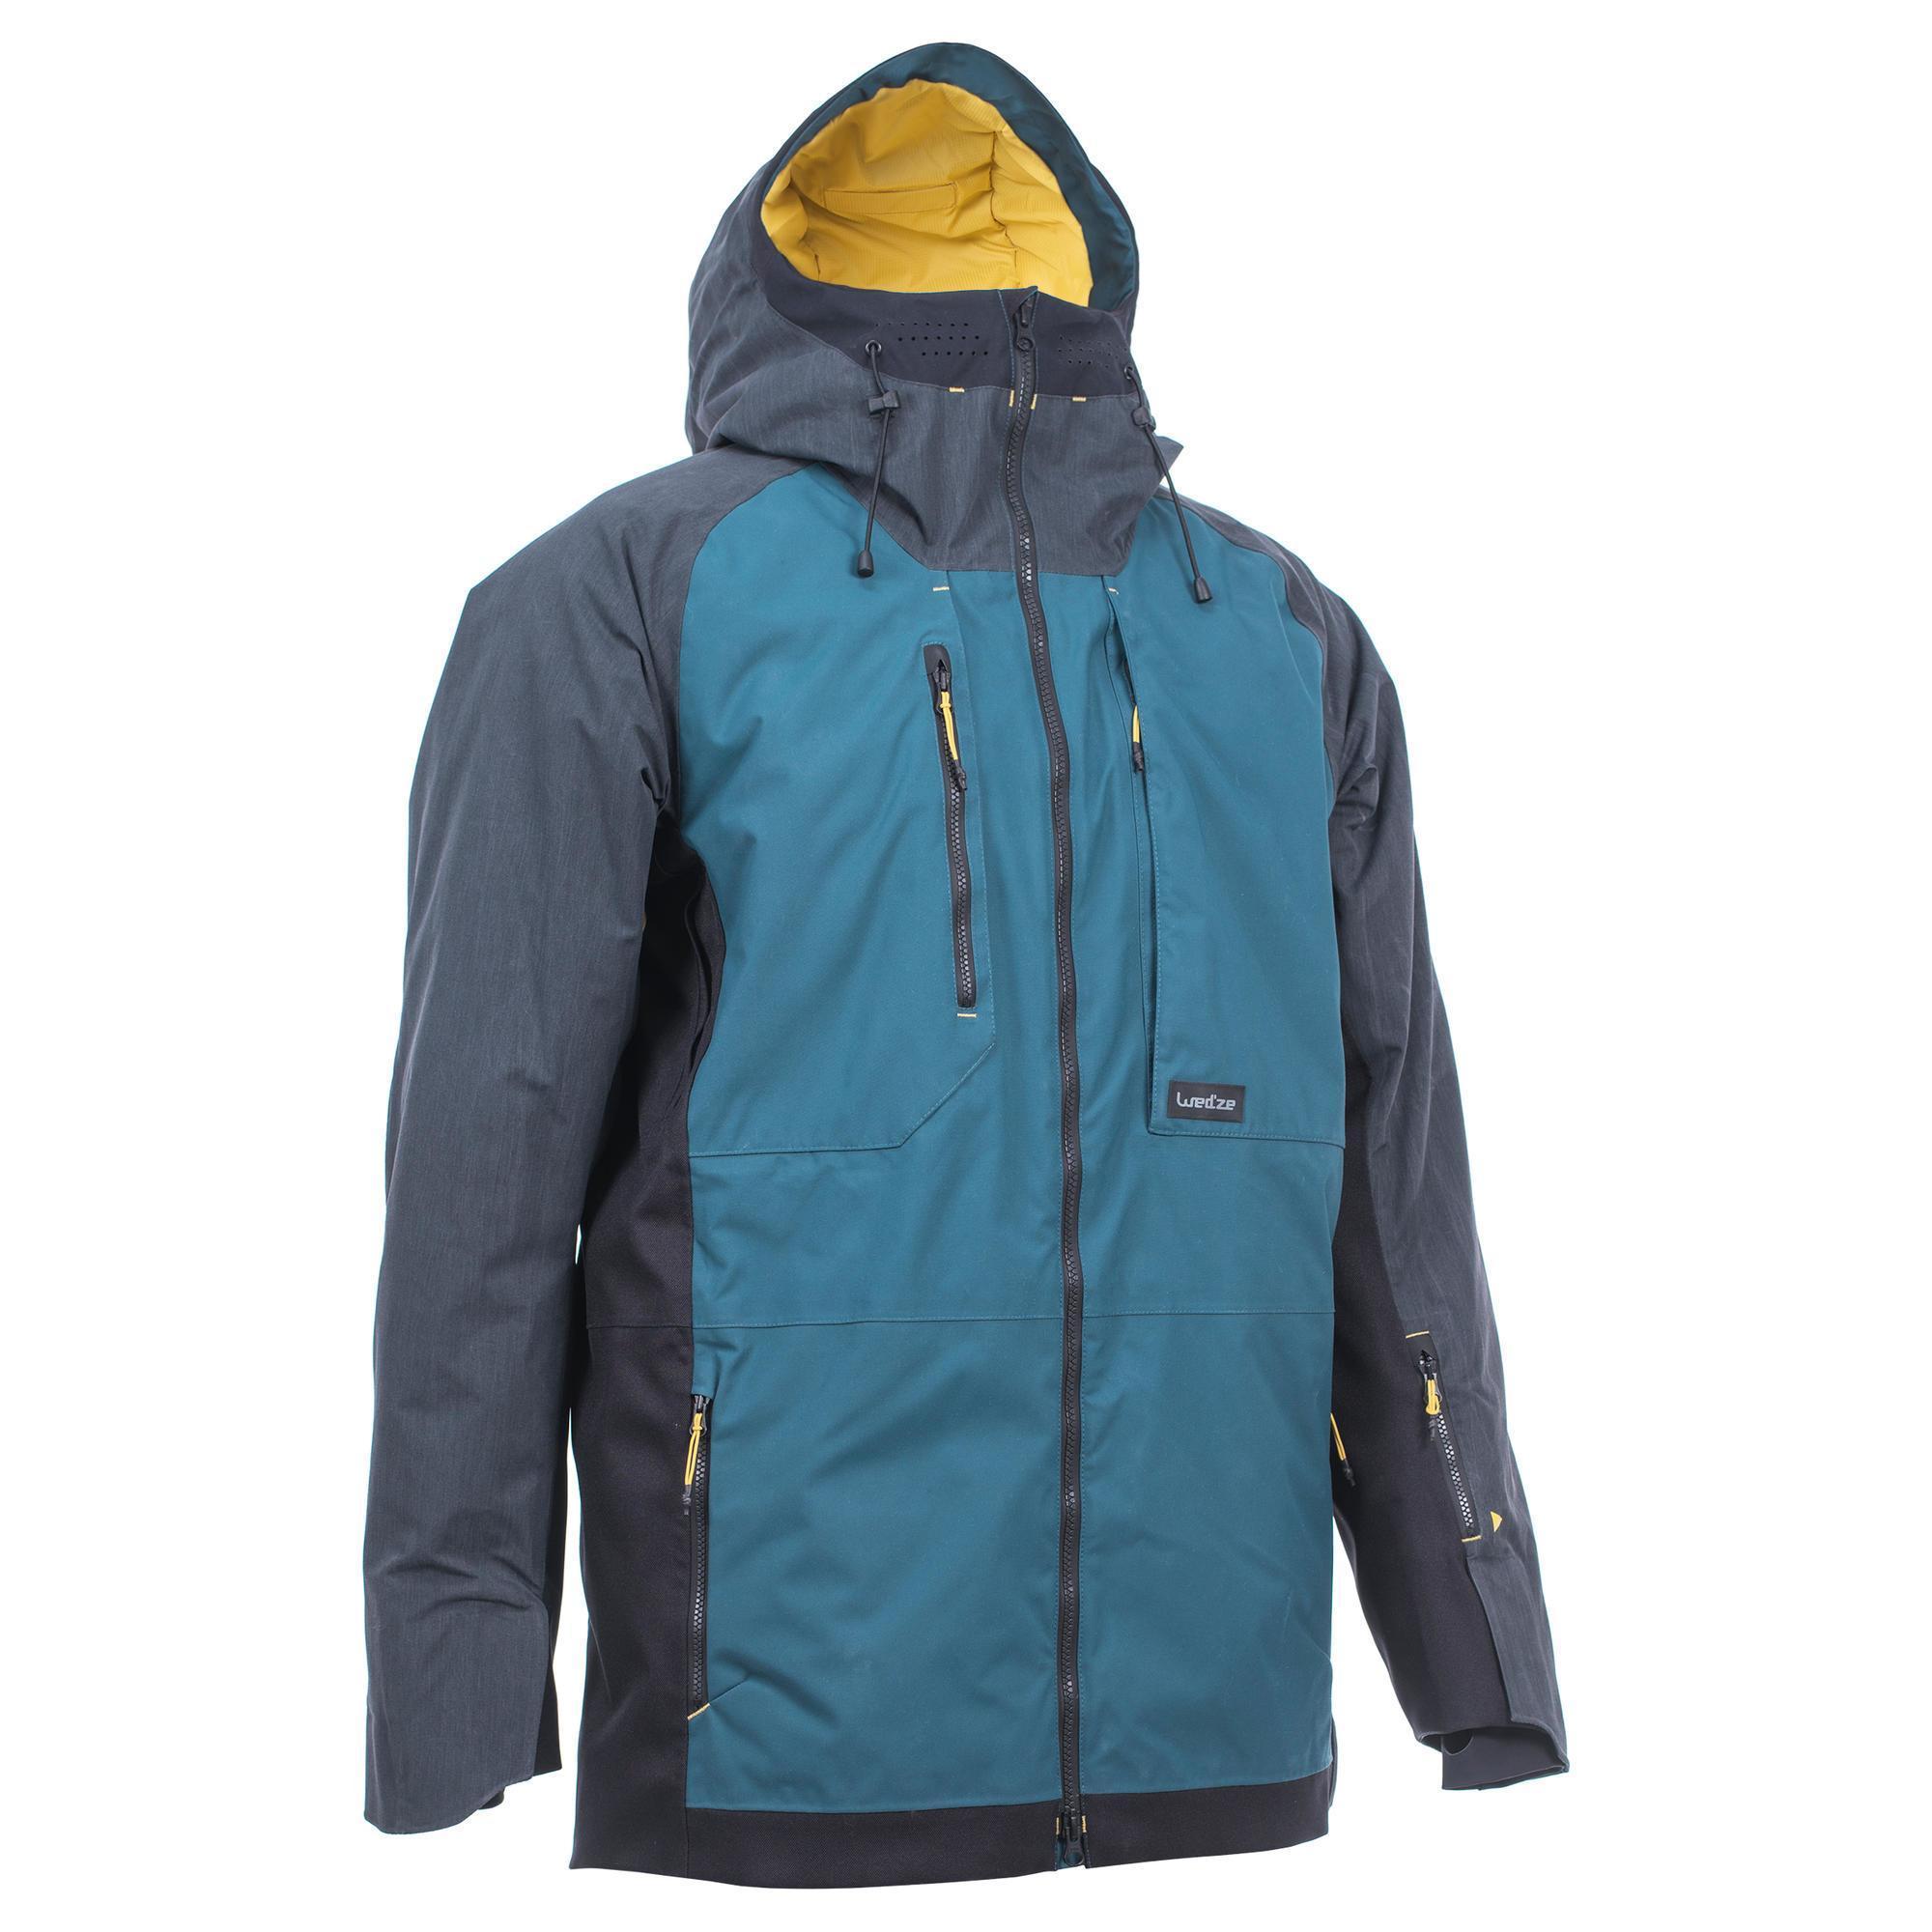 Herren Snowboardjacke 900 Herren petrolblau | 03608449862172